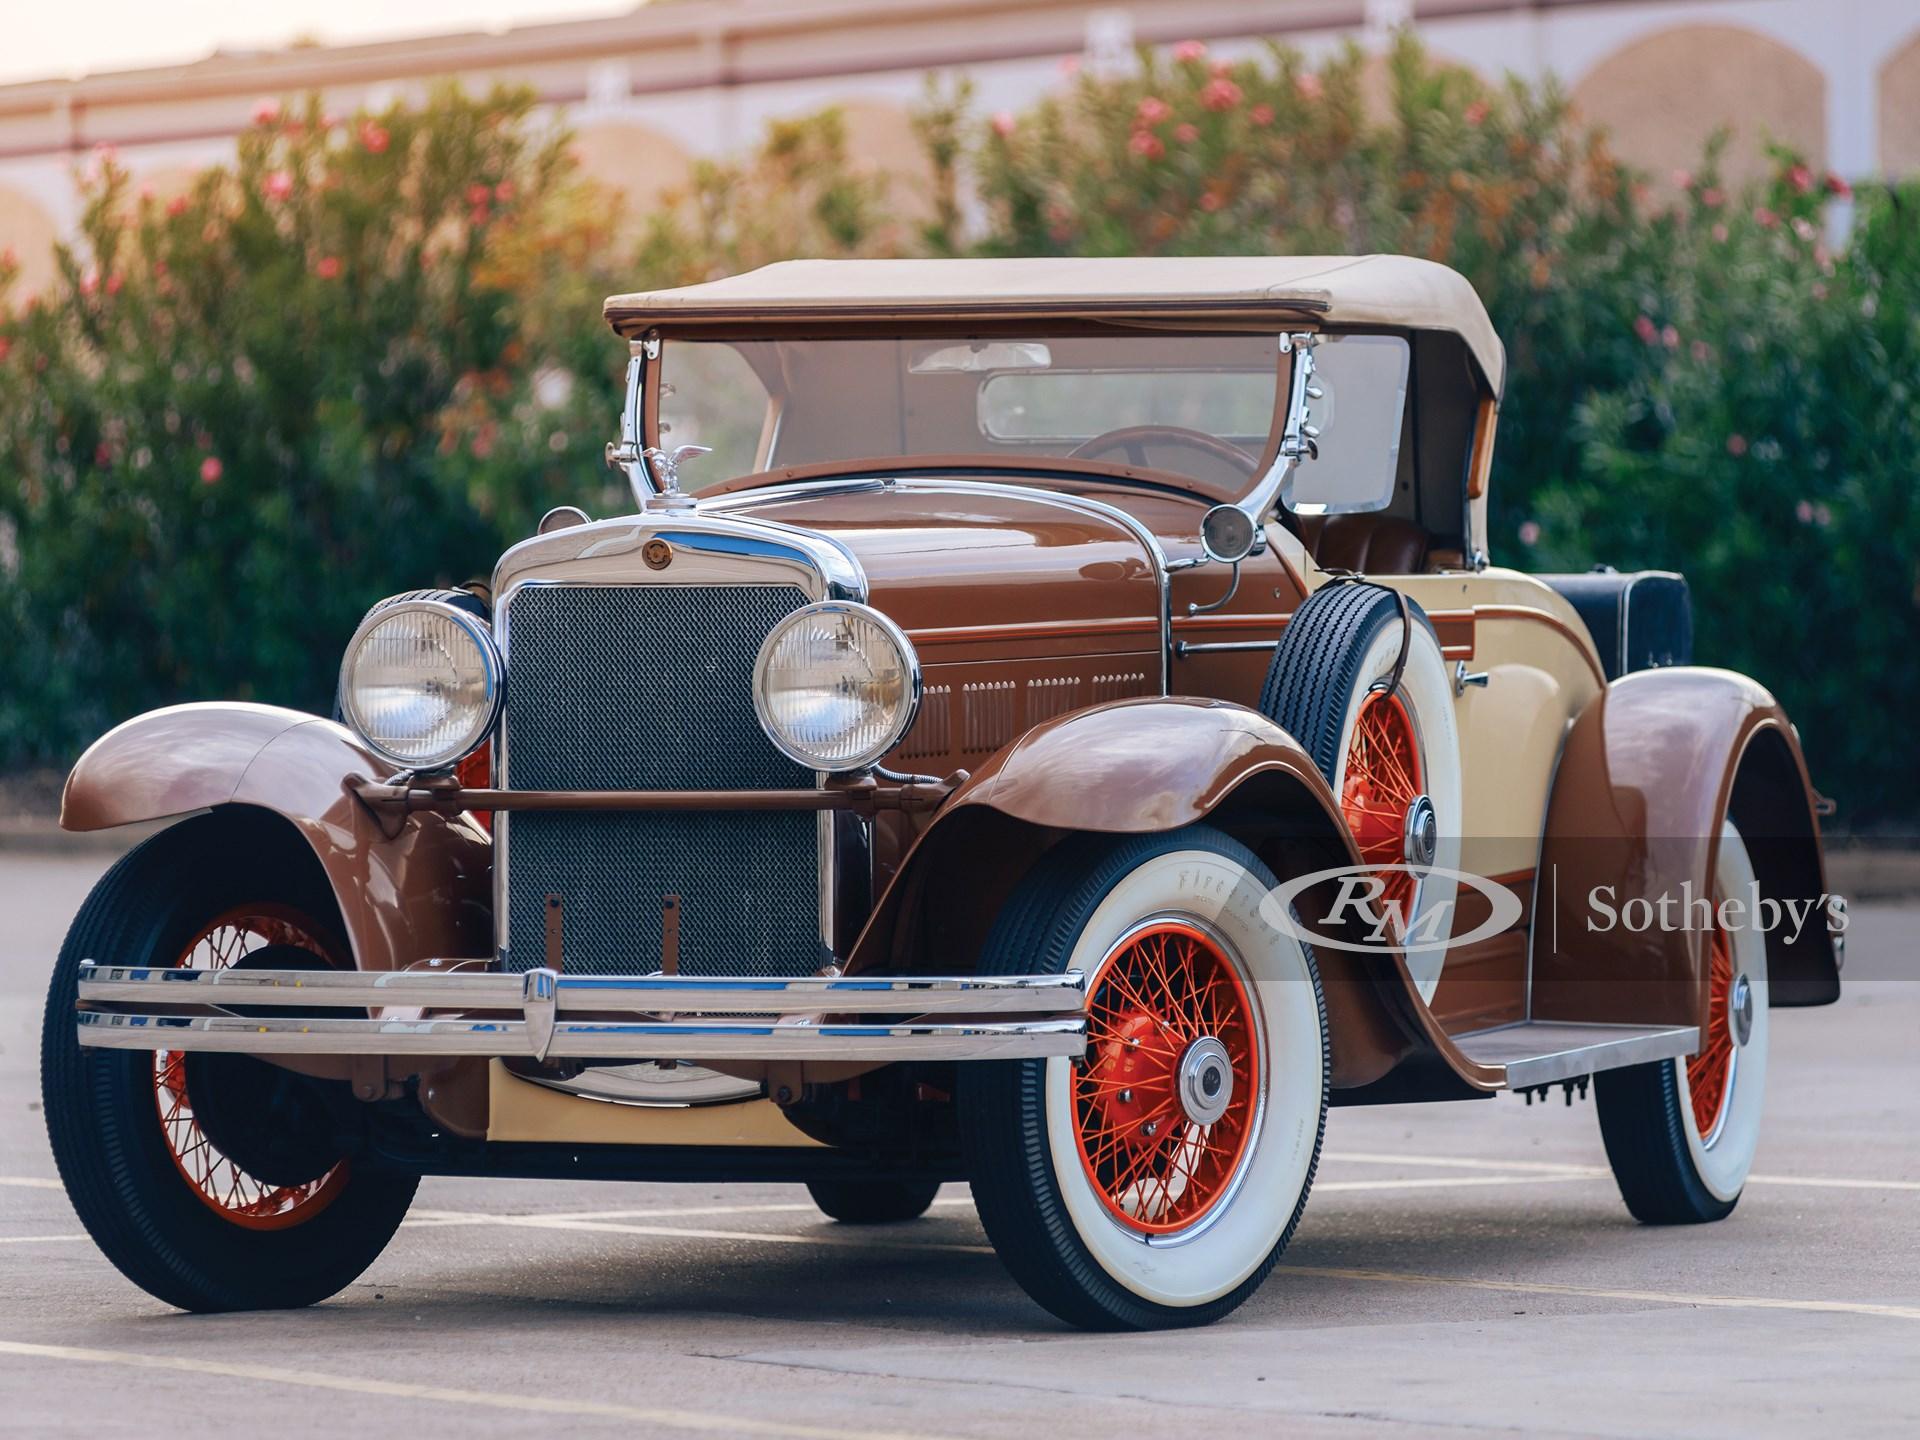 1929 Gardner Model 120 Roadster